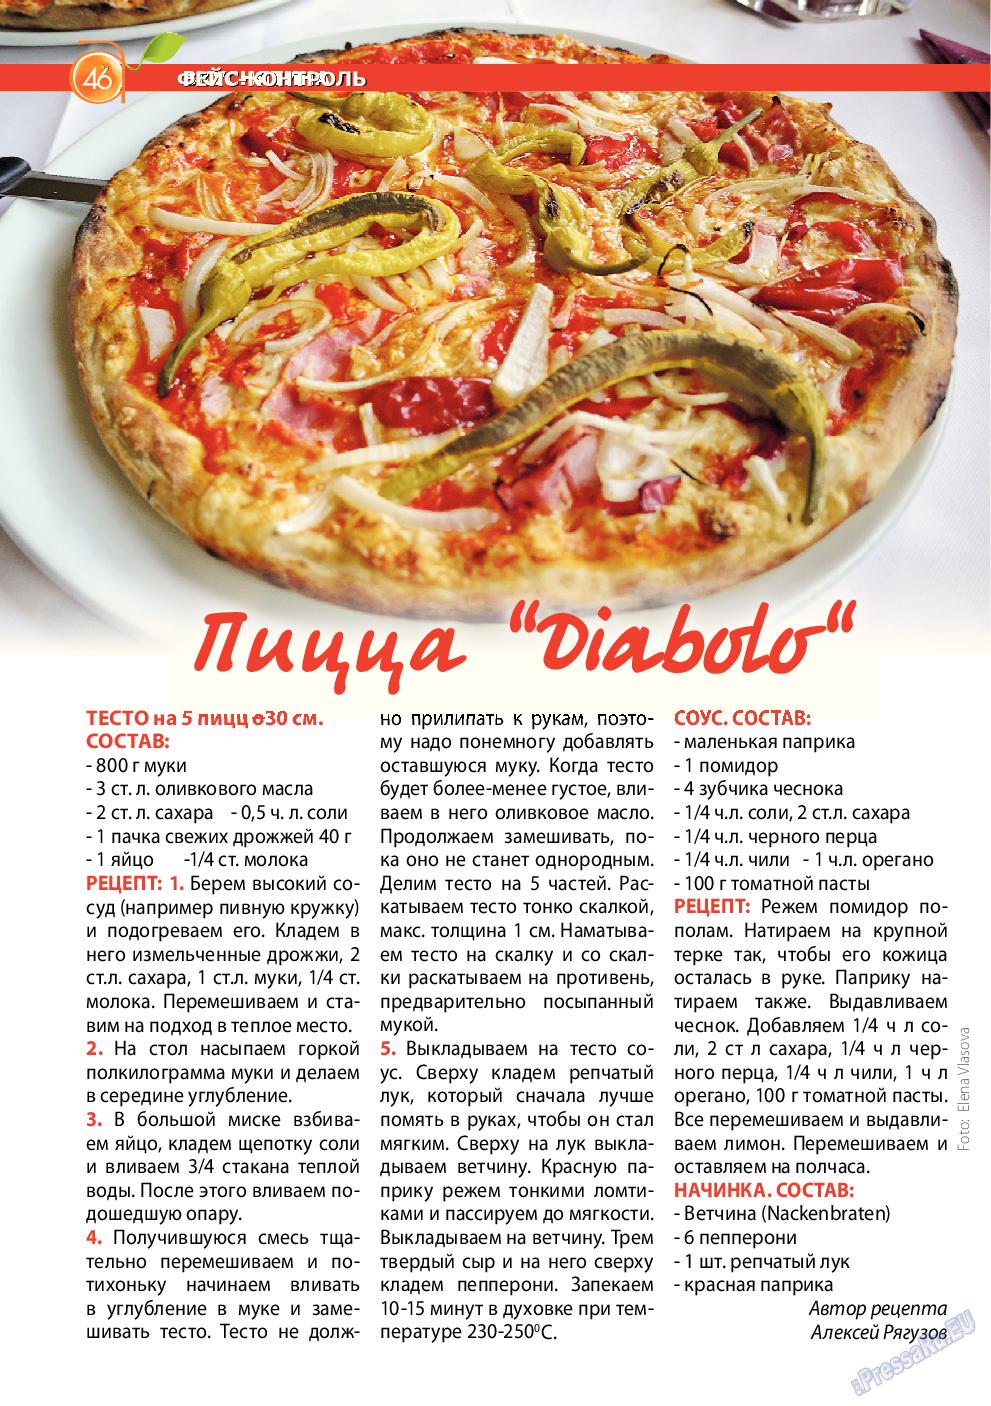 Апельсин (журнал). 2015 год, номер 67, стр. 46